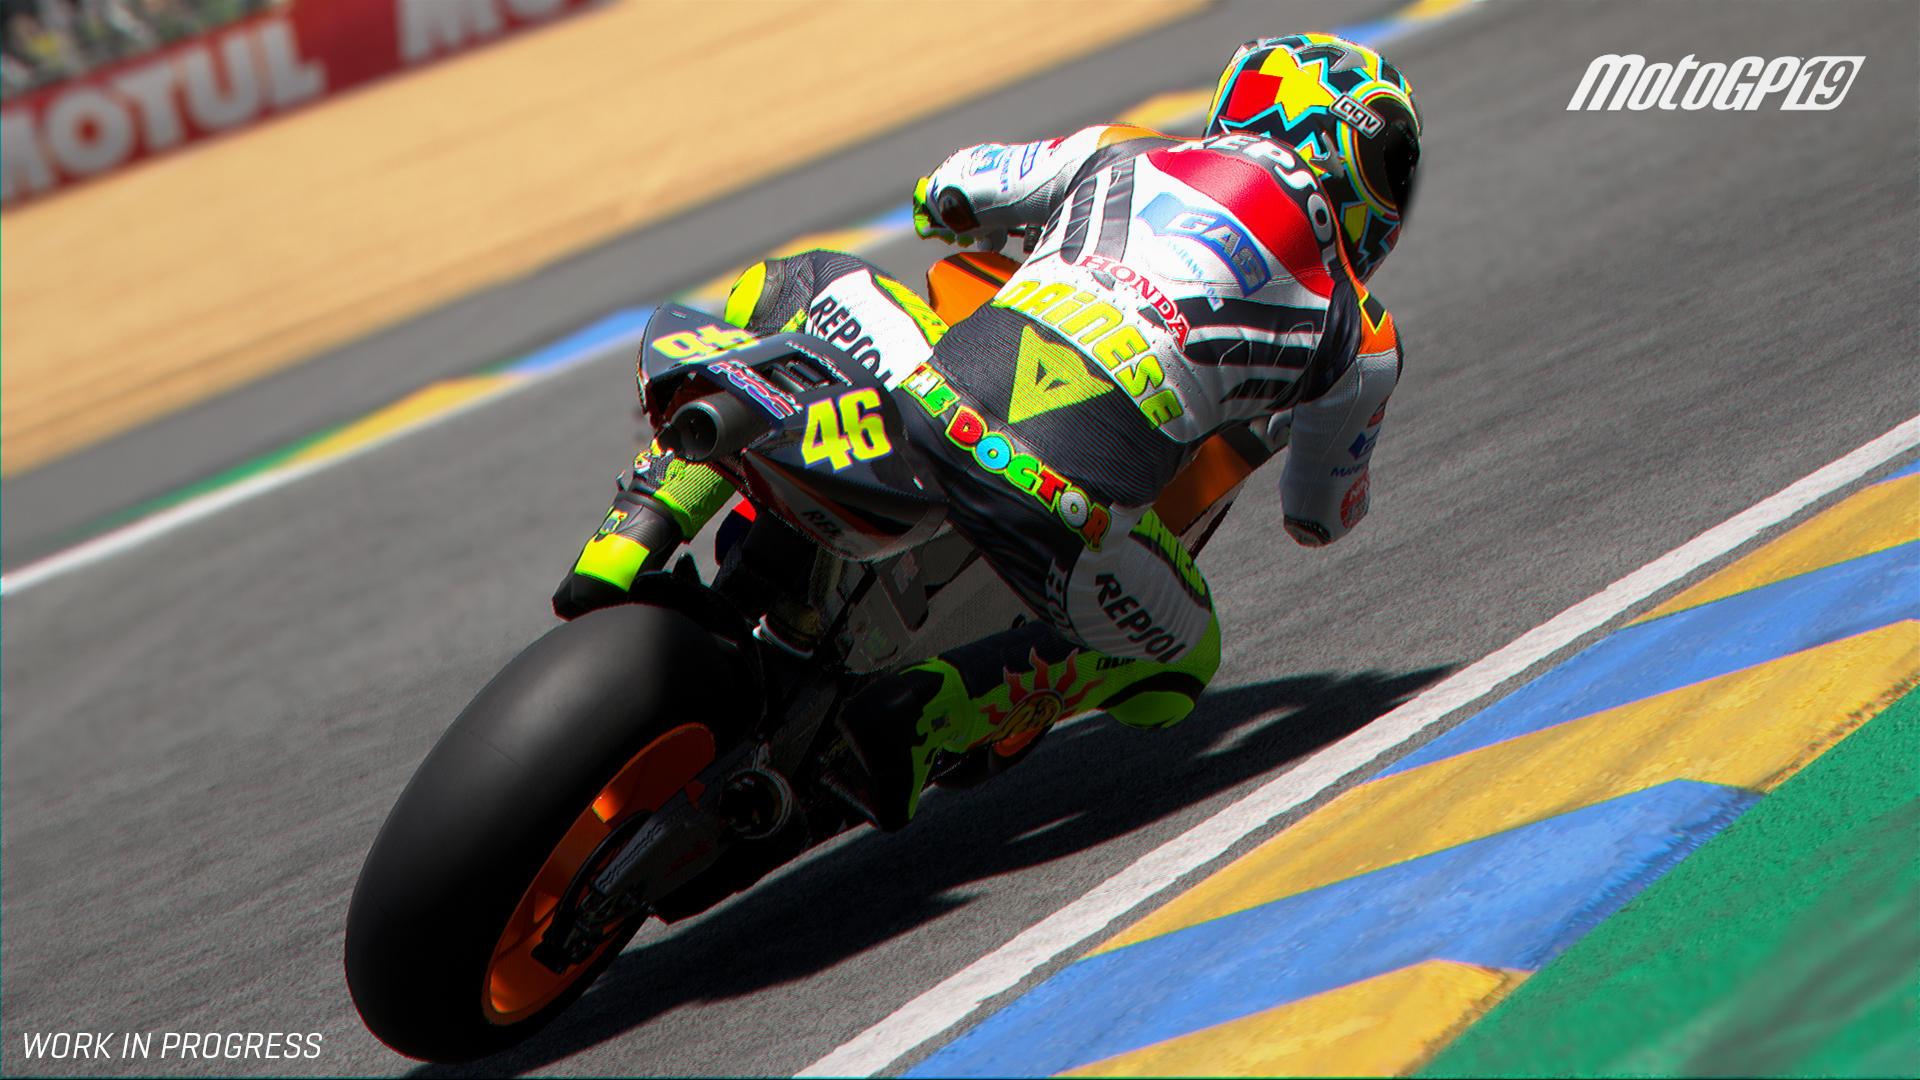 Milestone ha presentato la nuova modalità Sfide Storiche di MotoGP 19, in cui i giocatori possono rivivere alcune delle sfide più emozionanti della st...